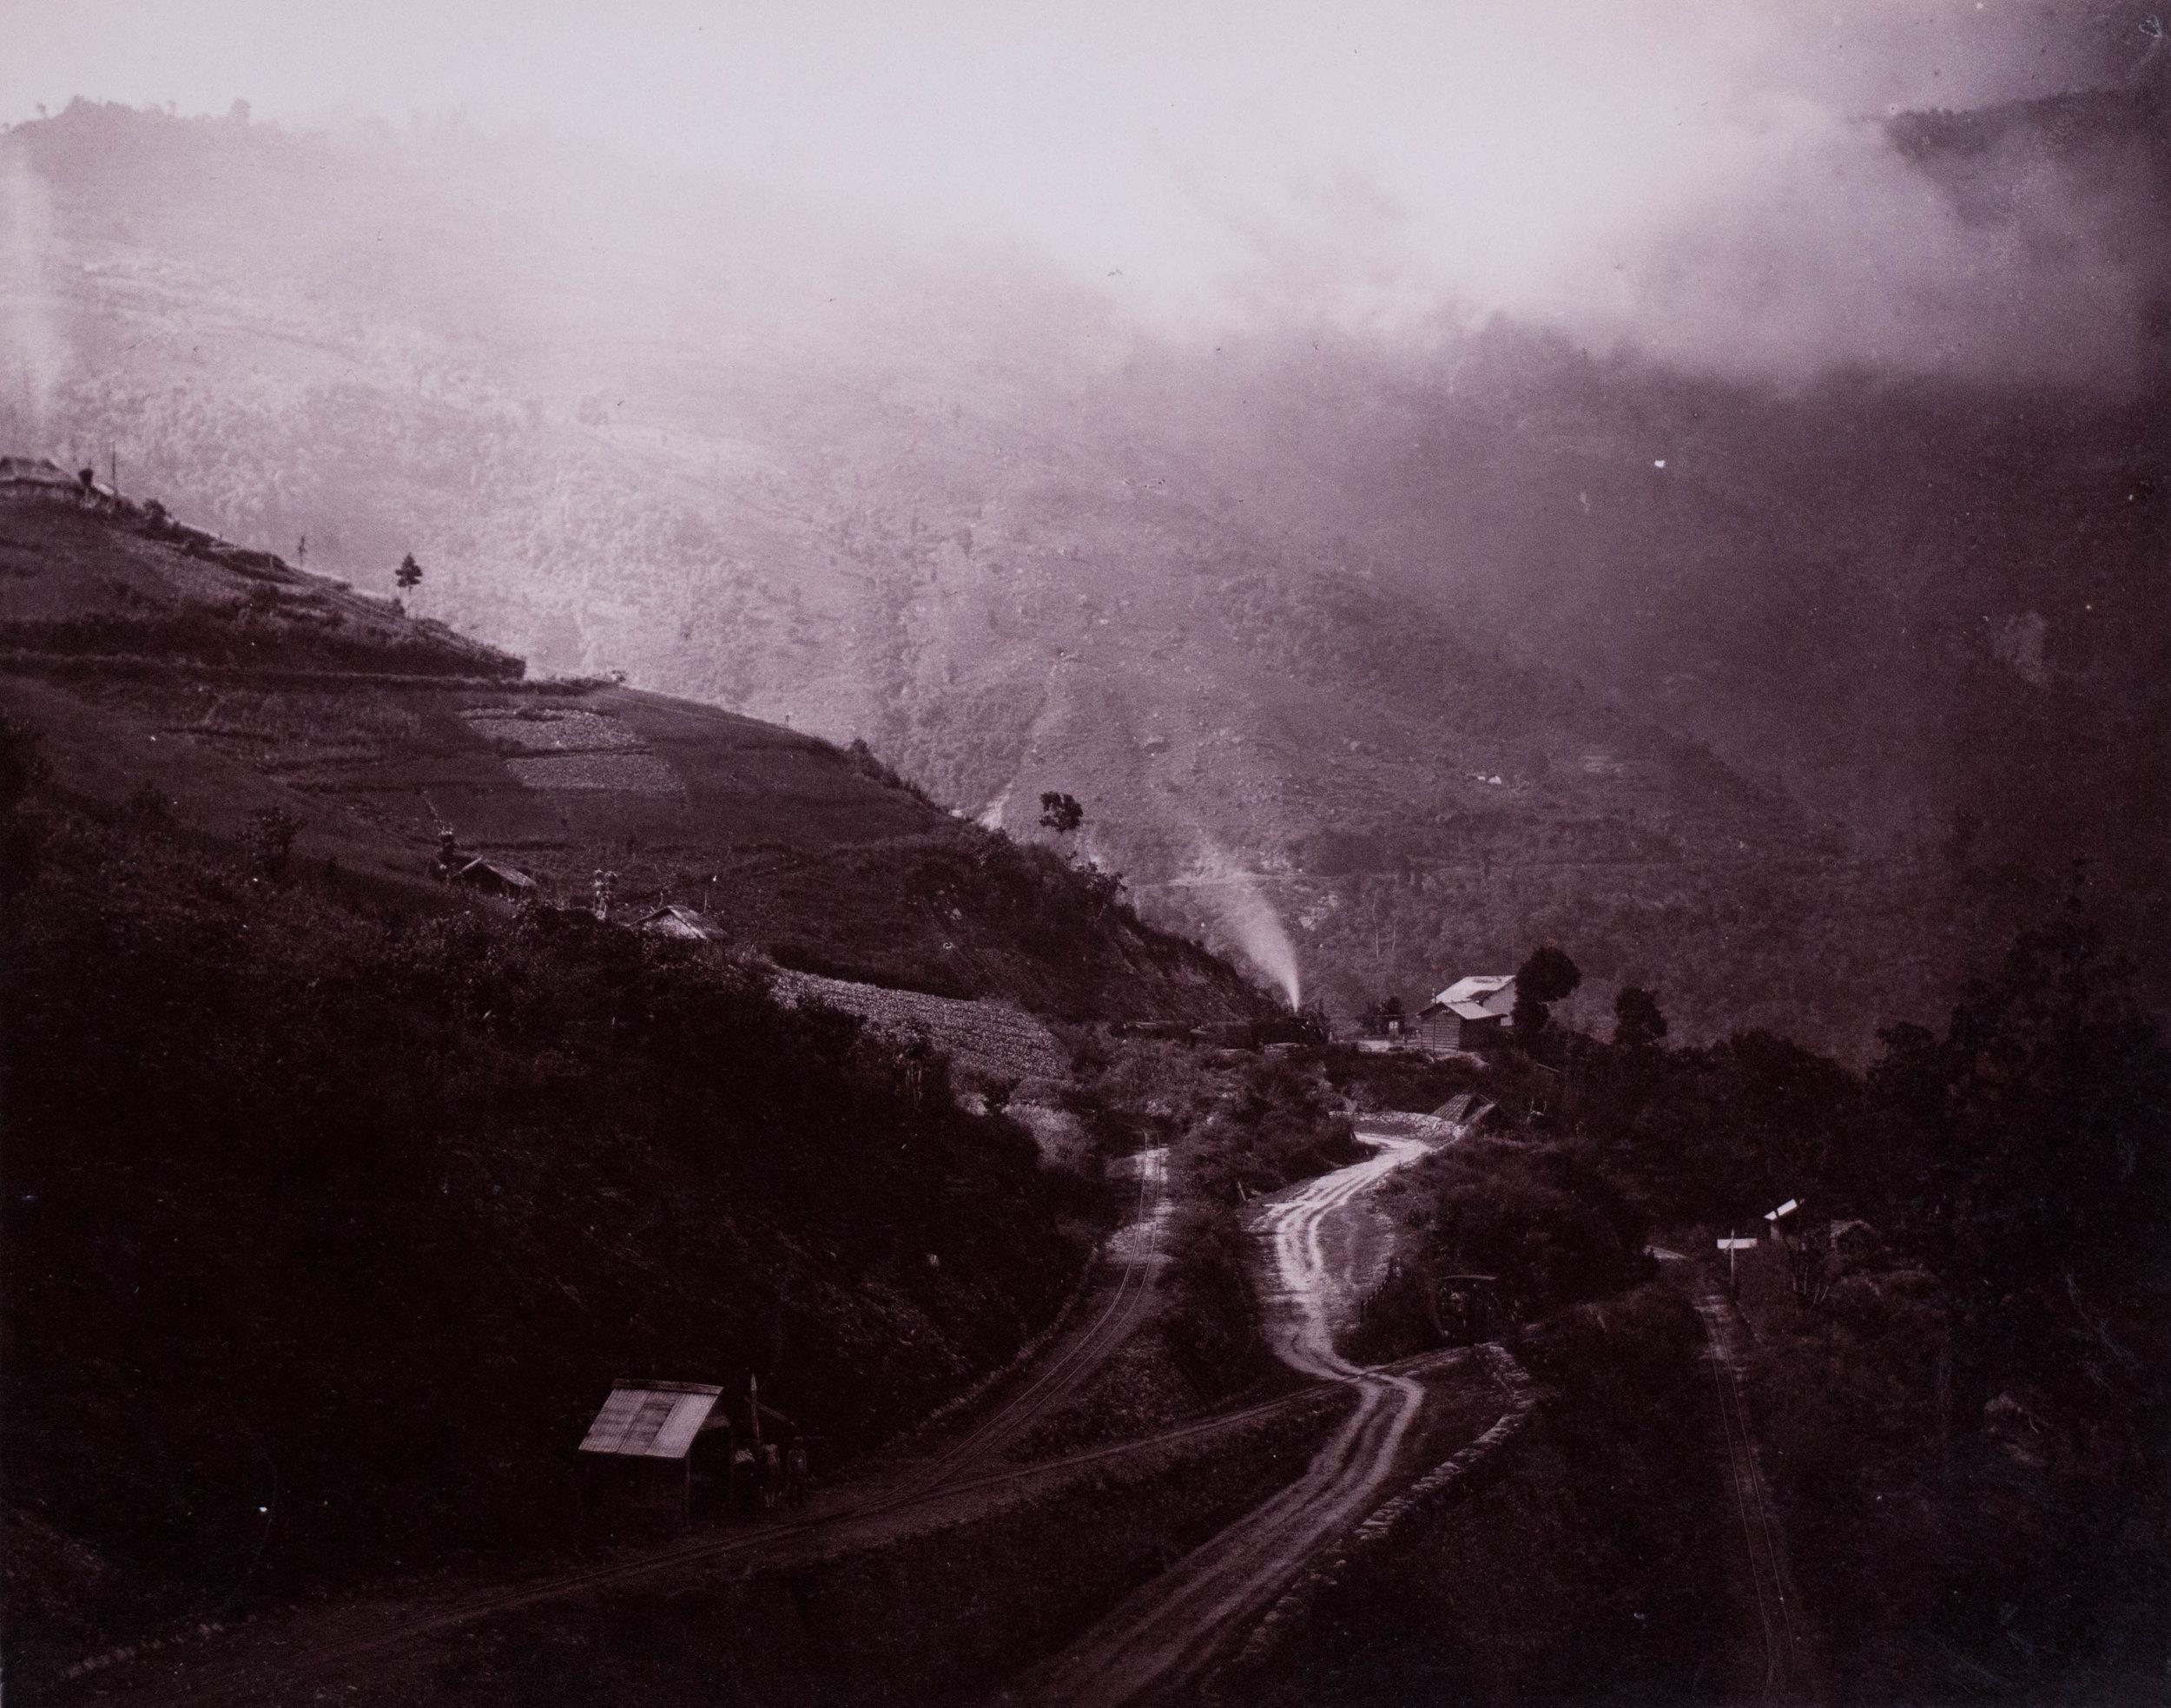 Le chemin de fer de Darjeeling 4